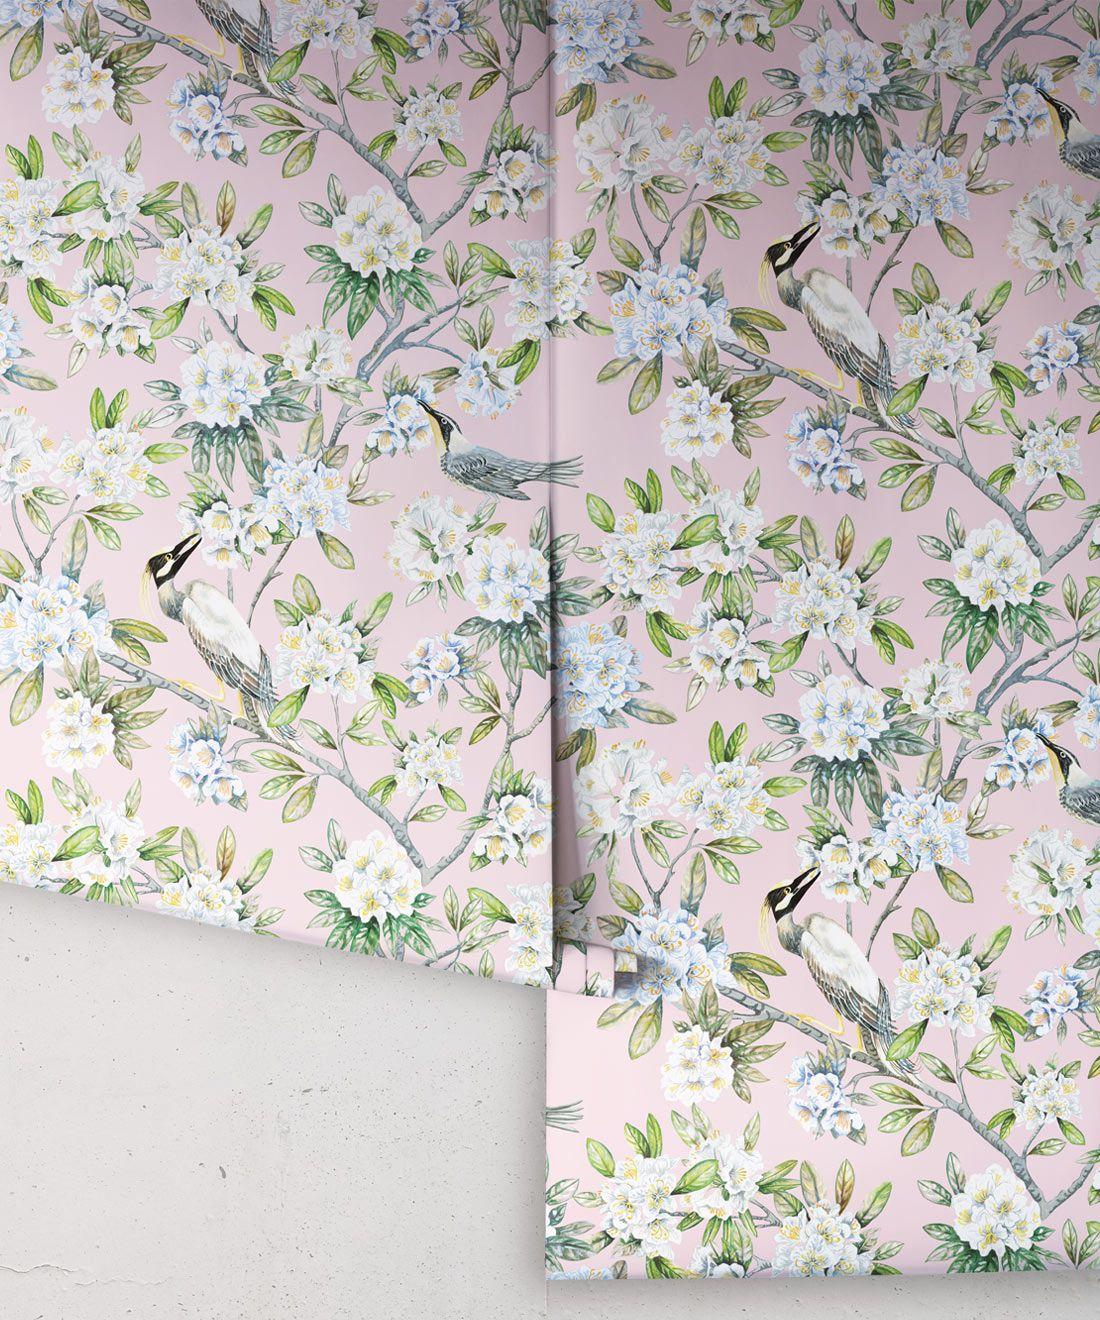 Victoria Wallpaper • Floral Wallpaper • Pink Wallpaper • Rolls